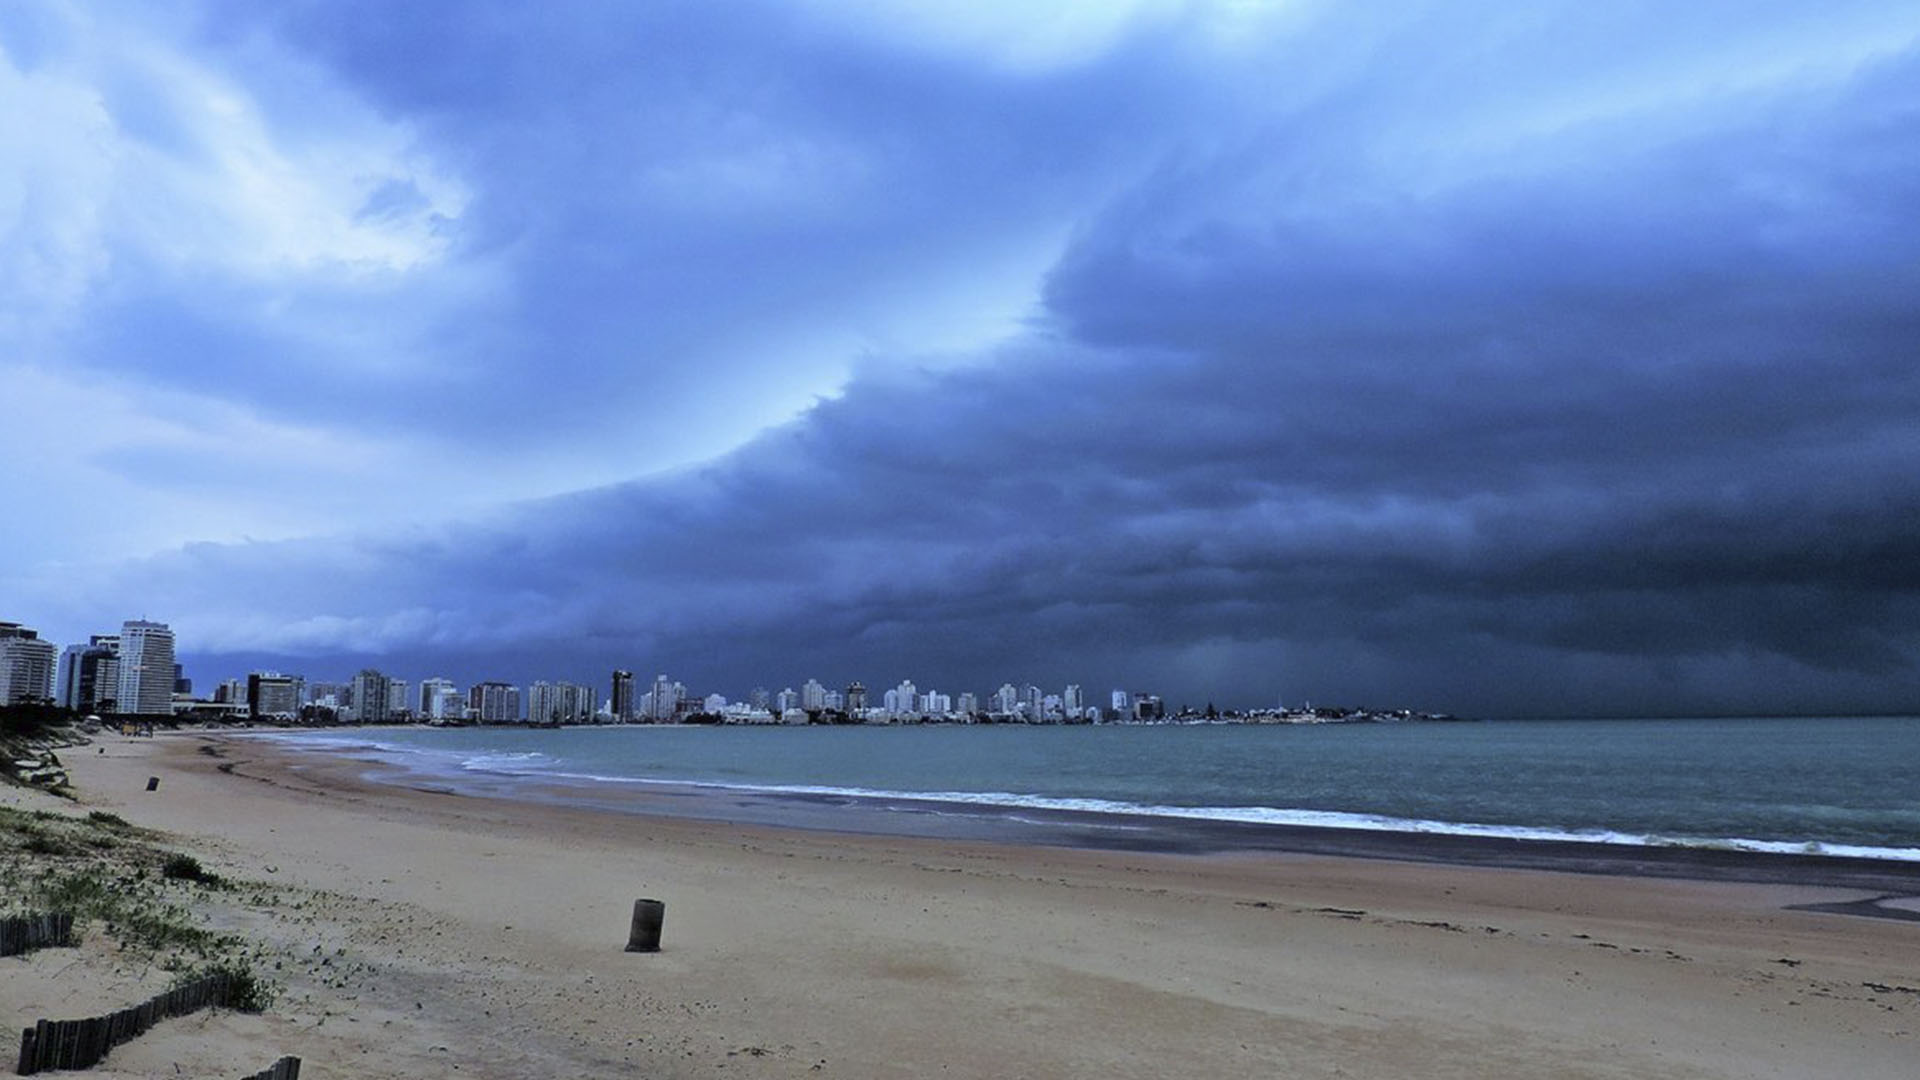 La tormenta avanzó sobre Punta del Este (@emekavoces)